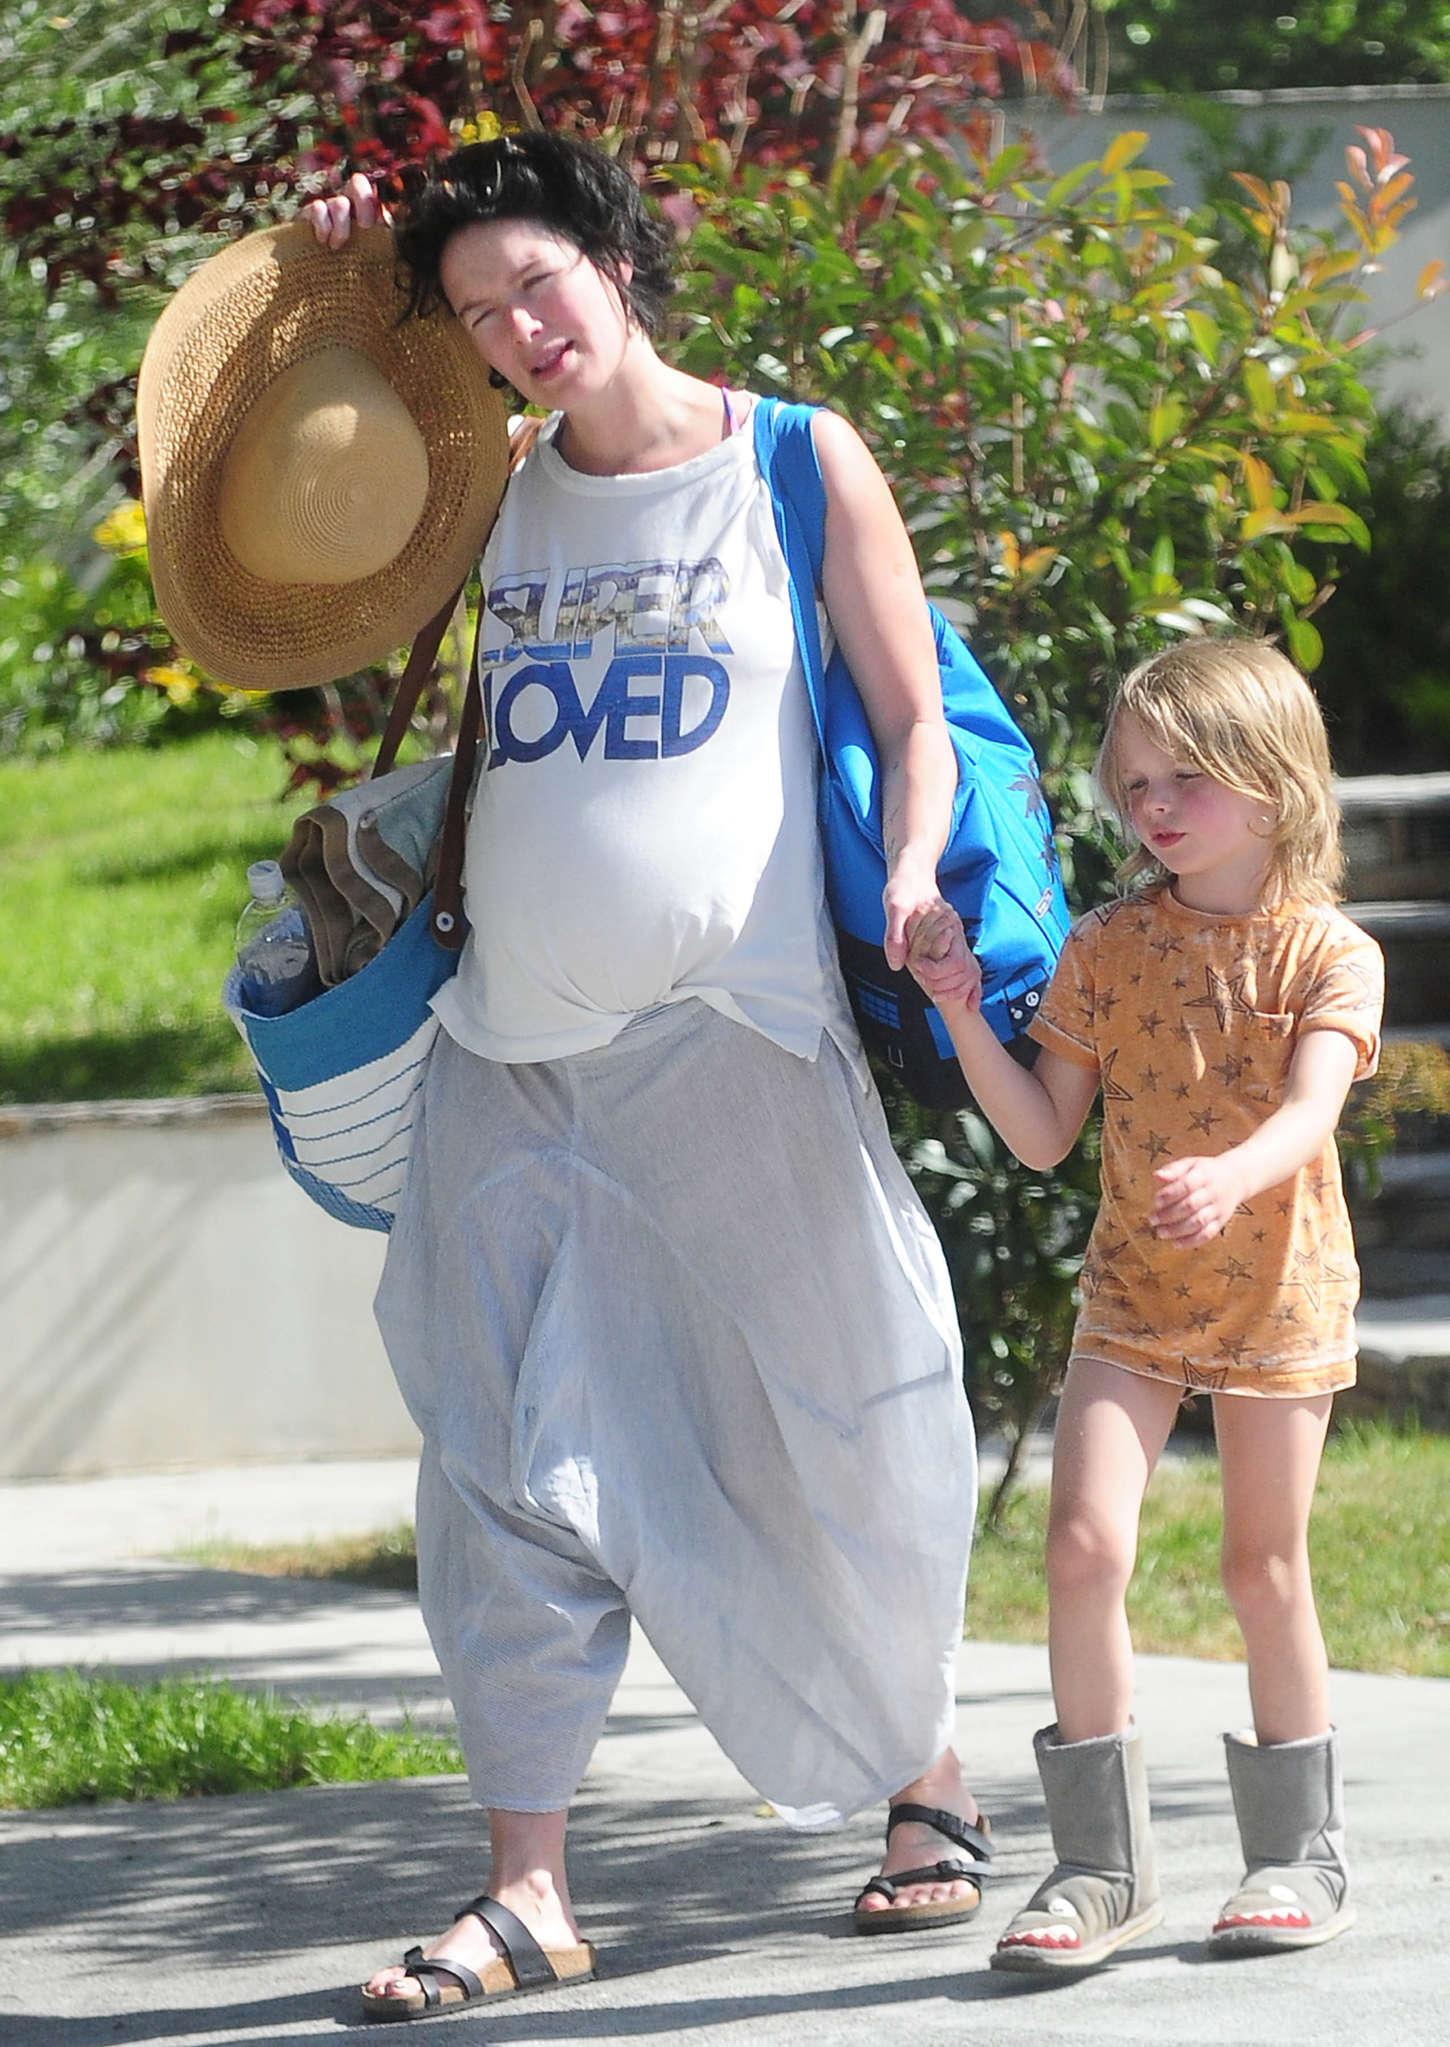 Lena Headey 2015 : Lena Headey: Leaving a pool party with her son -03